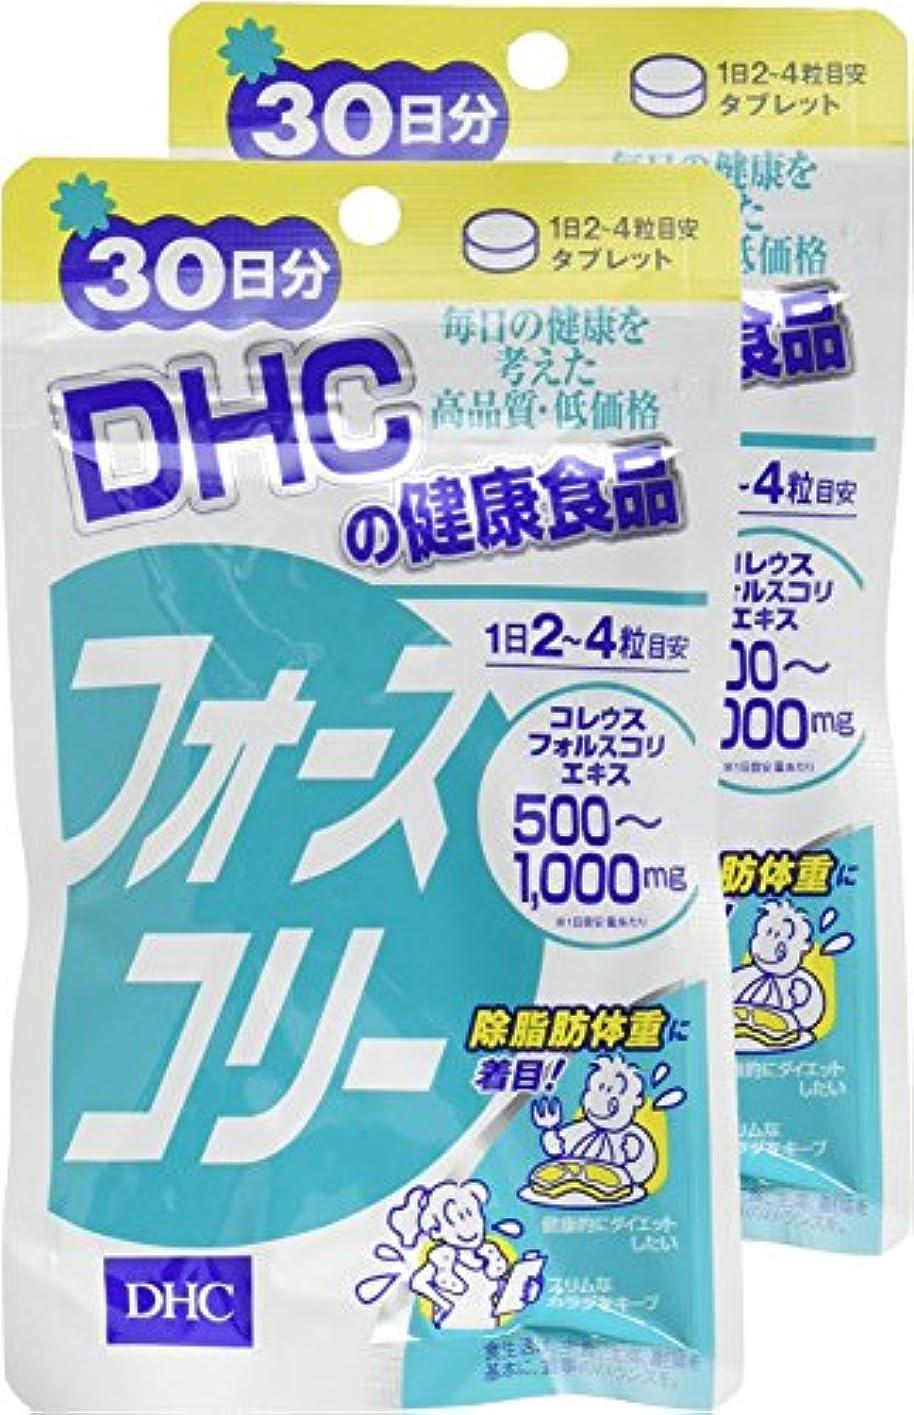 ピッチャー松フィルタDHC フォースコリー 30日分 120粒 ×2個セット